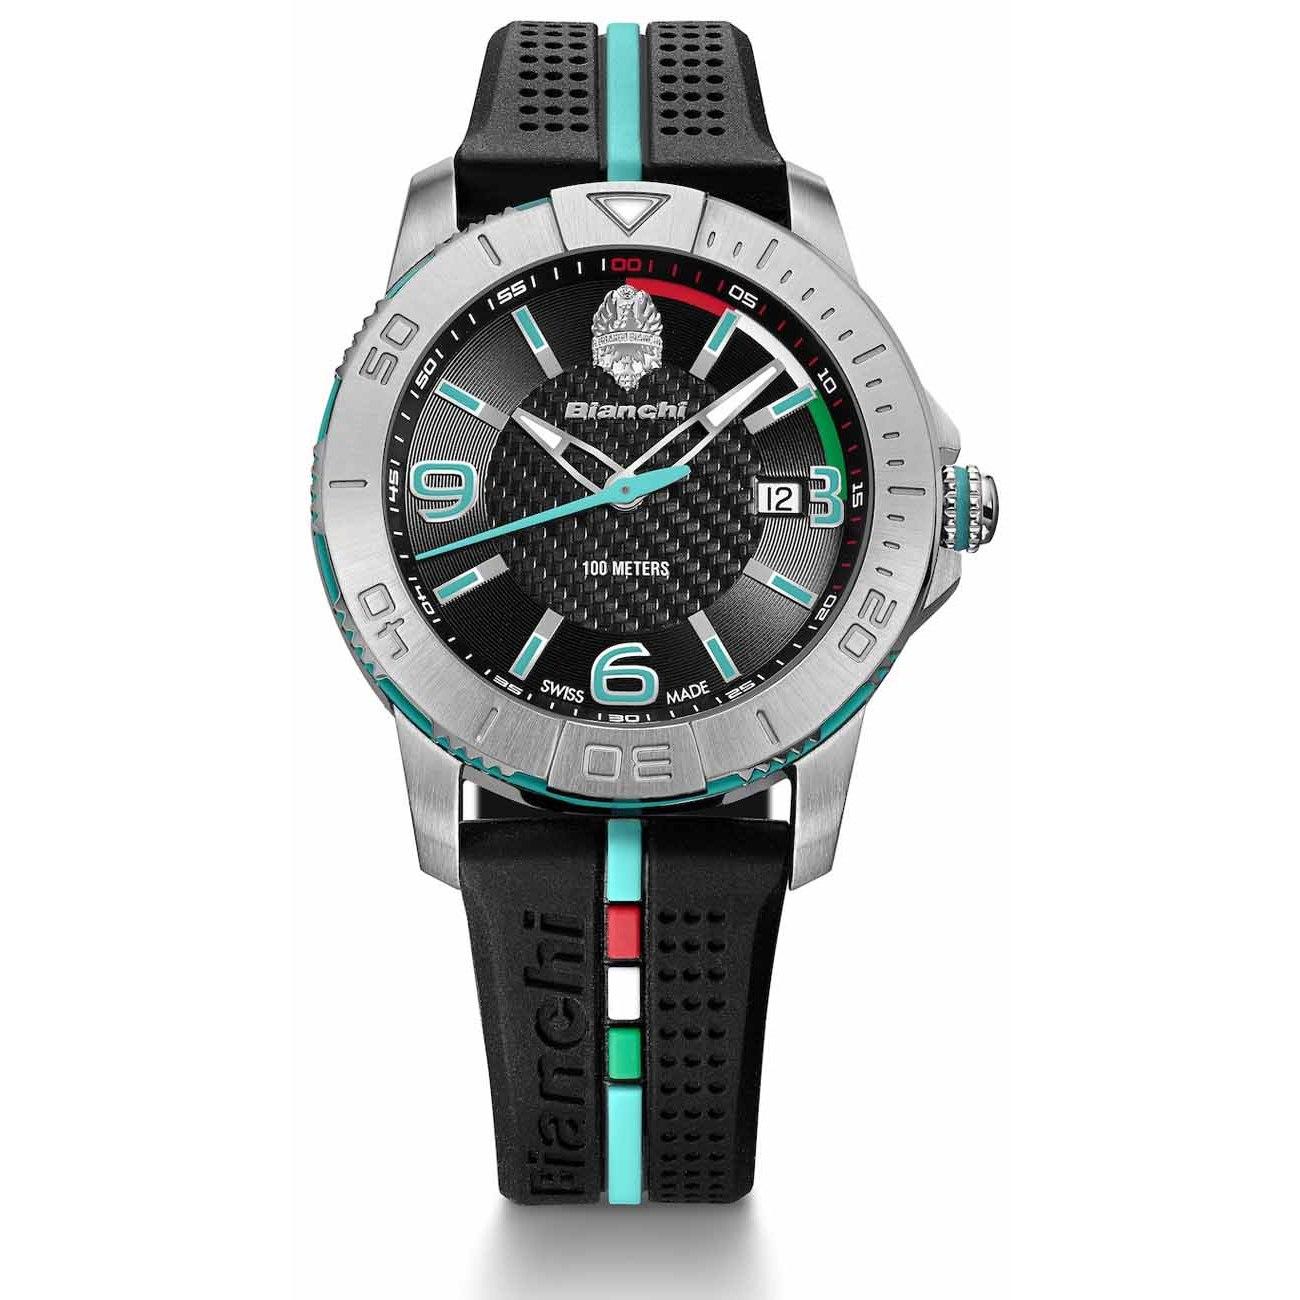 Bianchi Three Hands Wrist Watch - Black